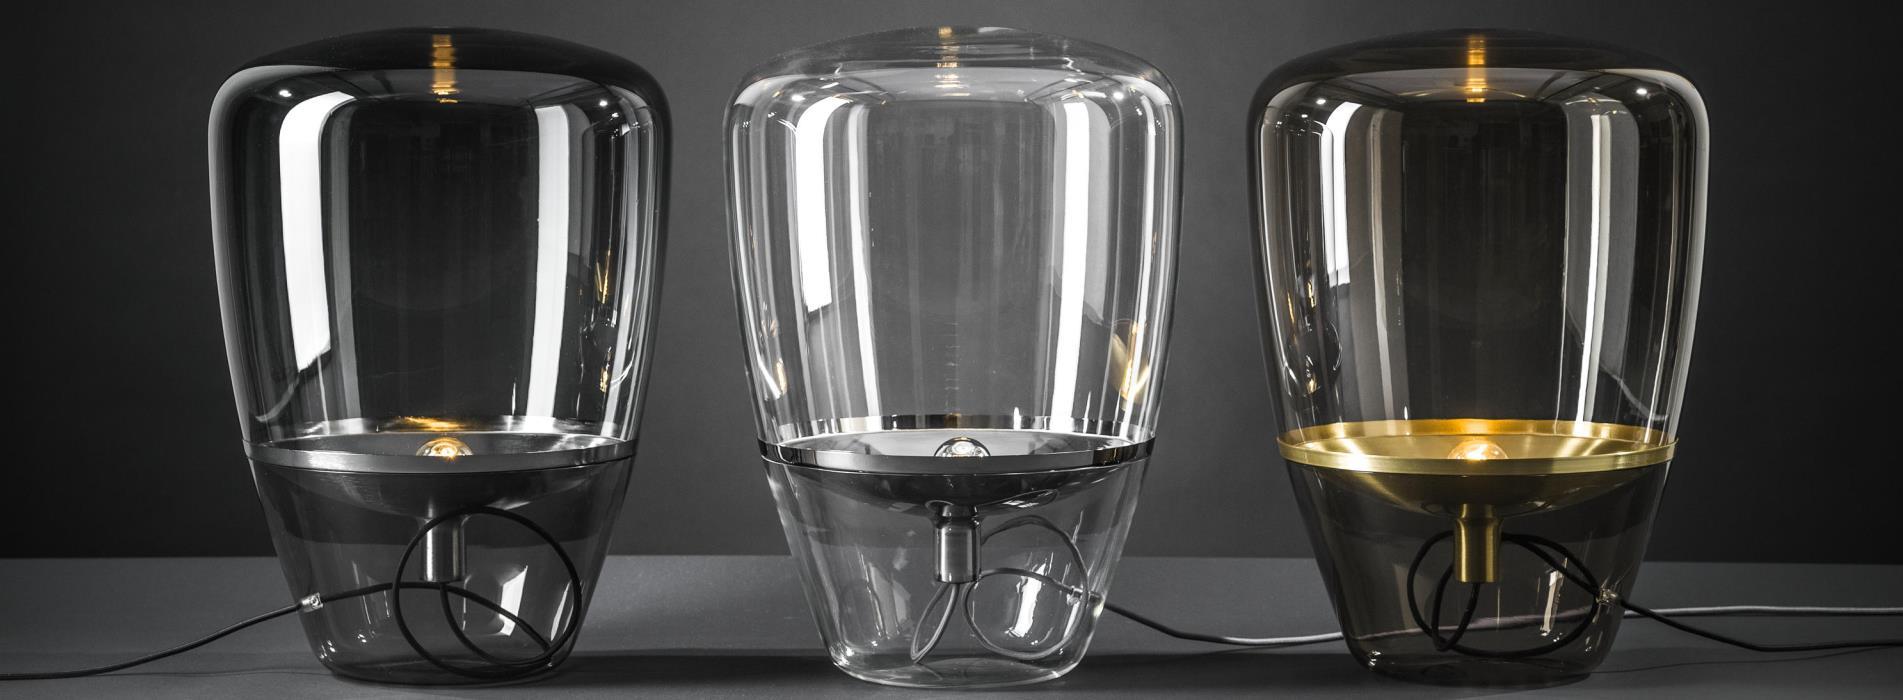 inside-concept-architecture-d-interieur-mobilier-design-eclairage